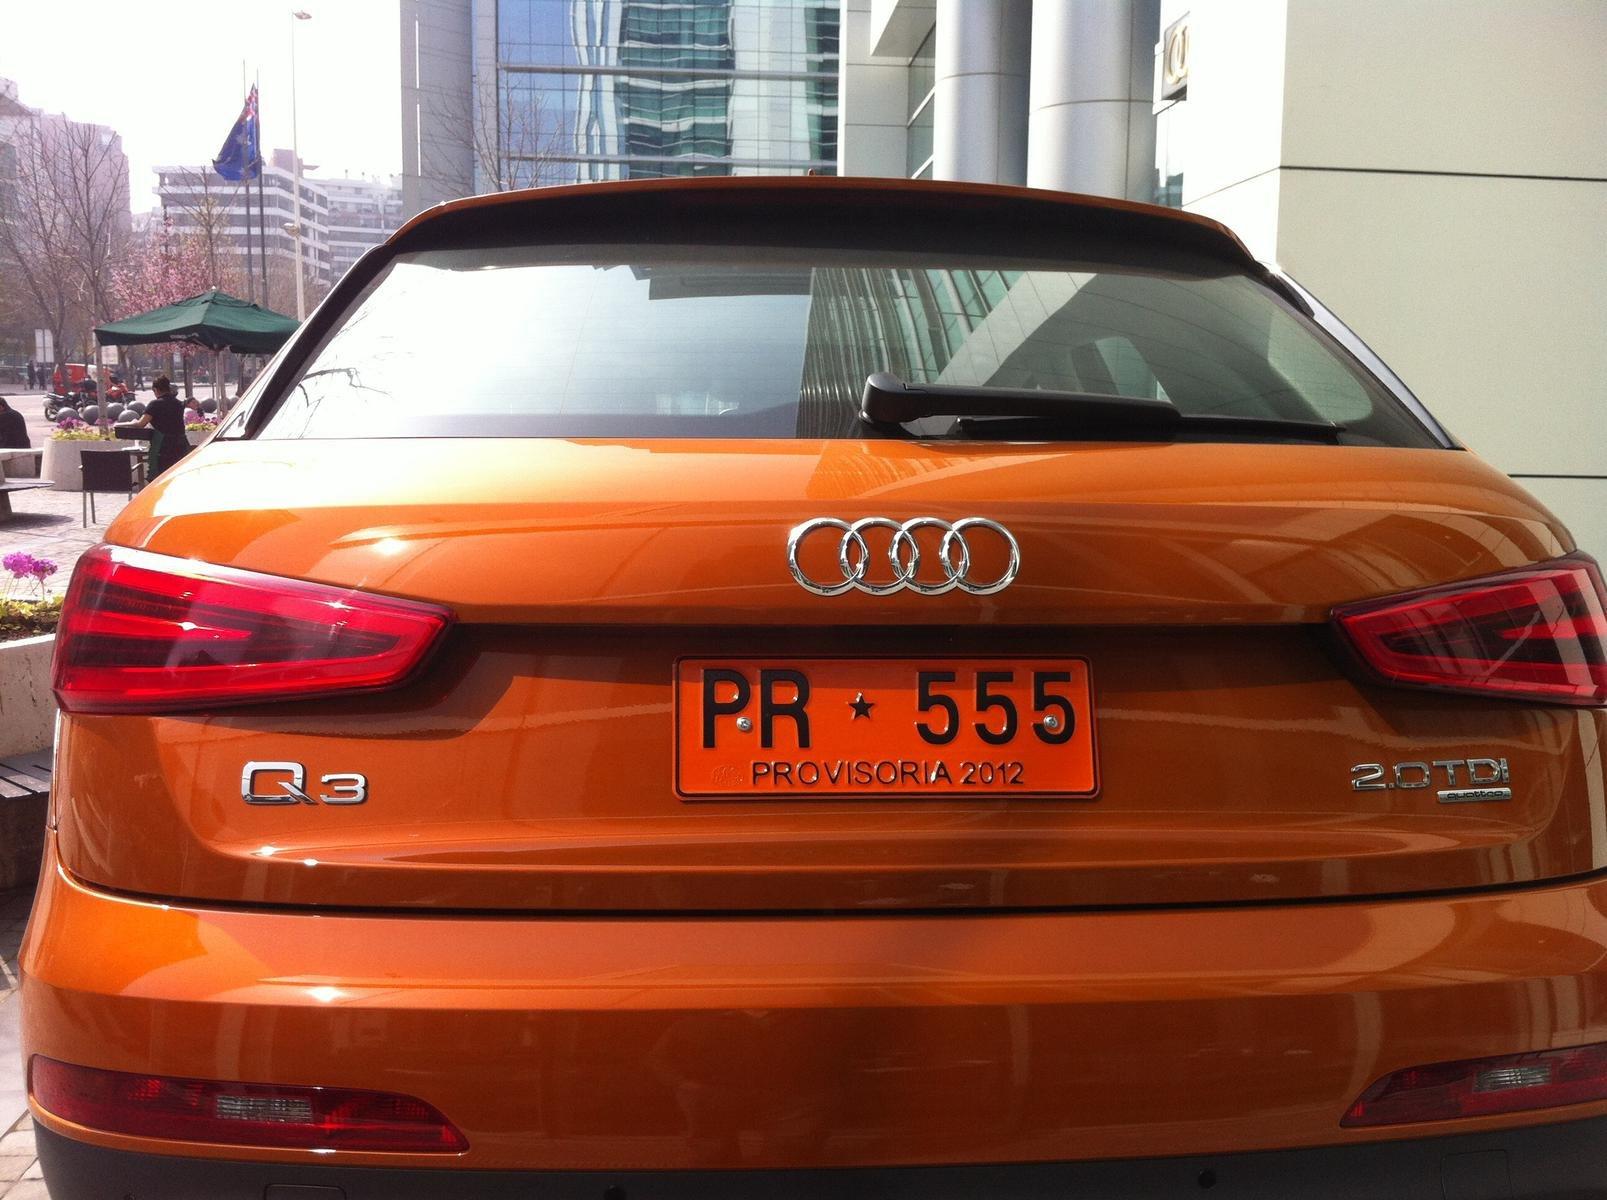 Audi Q3 Configurator (USA) - Audi Q3 Forum